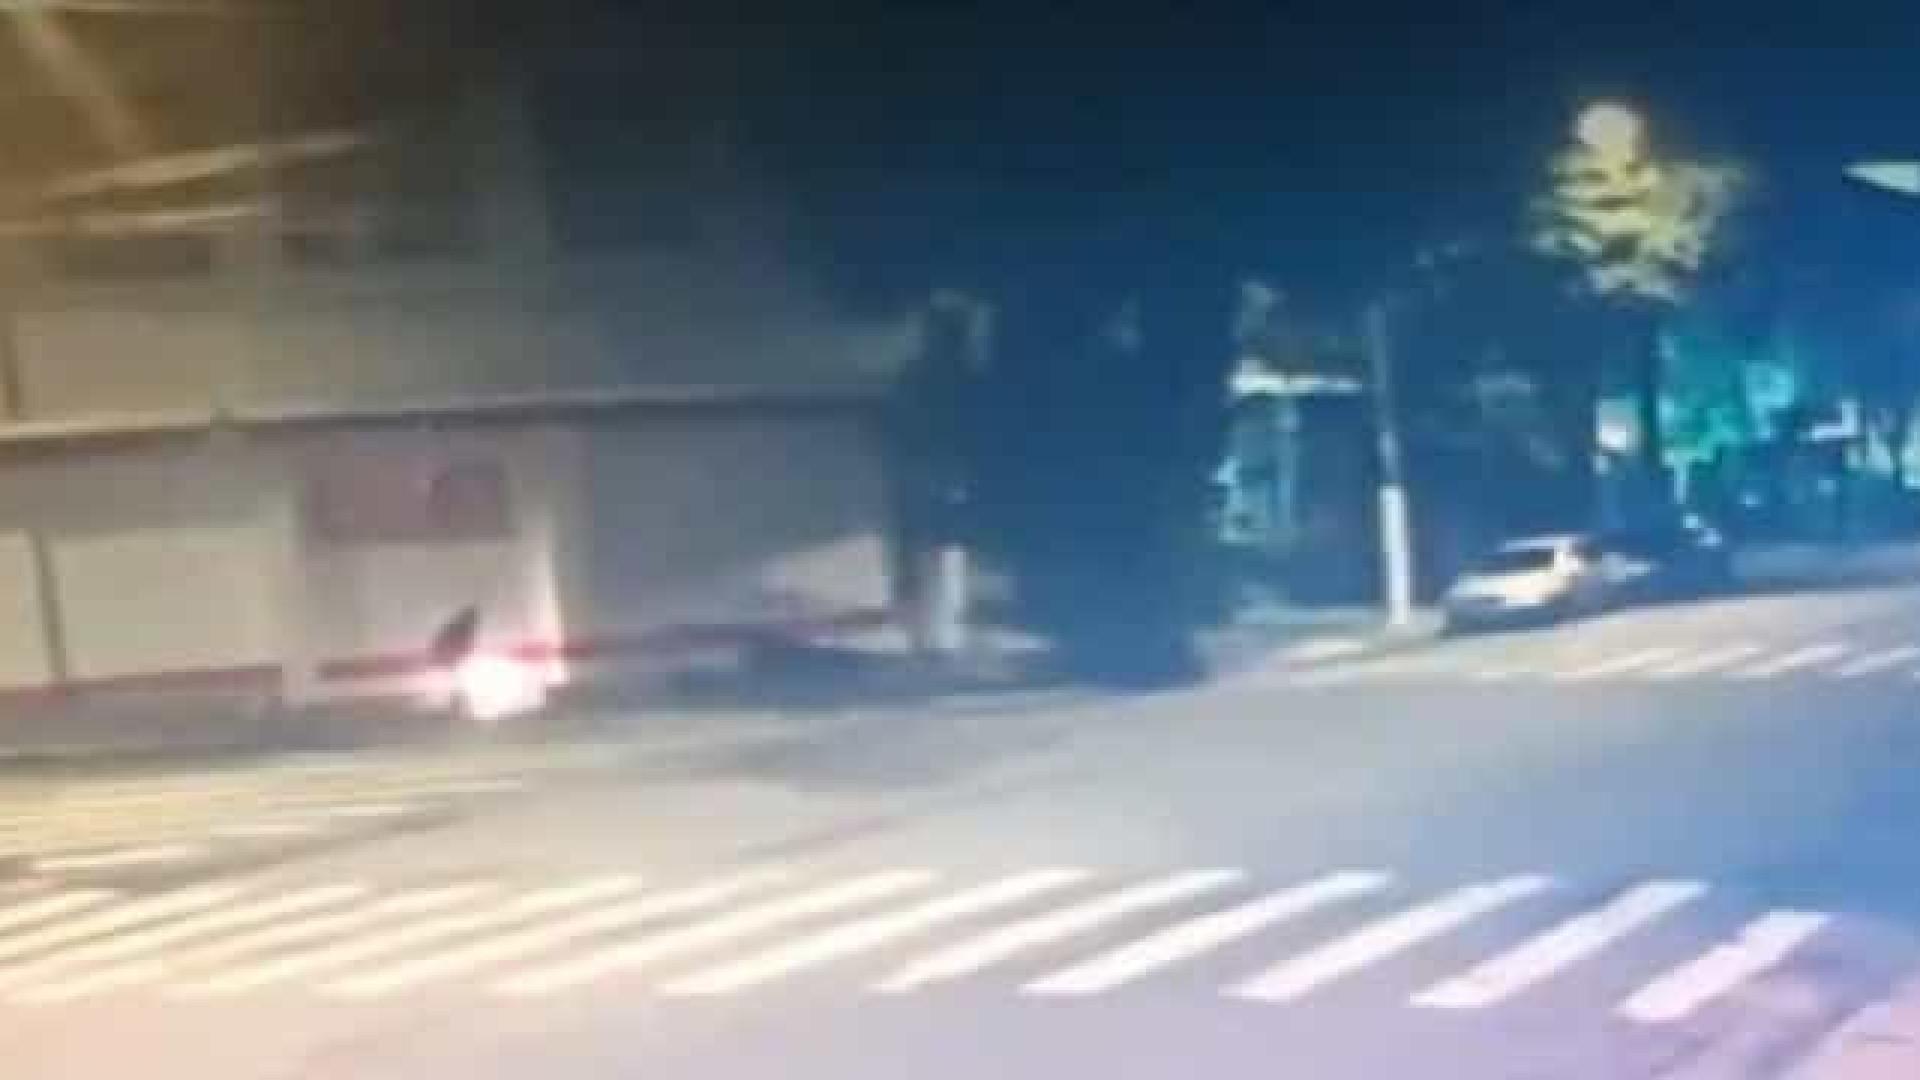 Acusado de queimar morador de rua pode ser inocente, dizem testemunhas